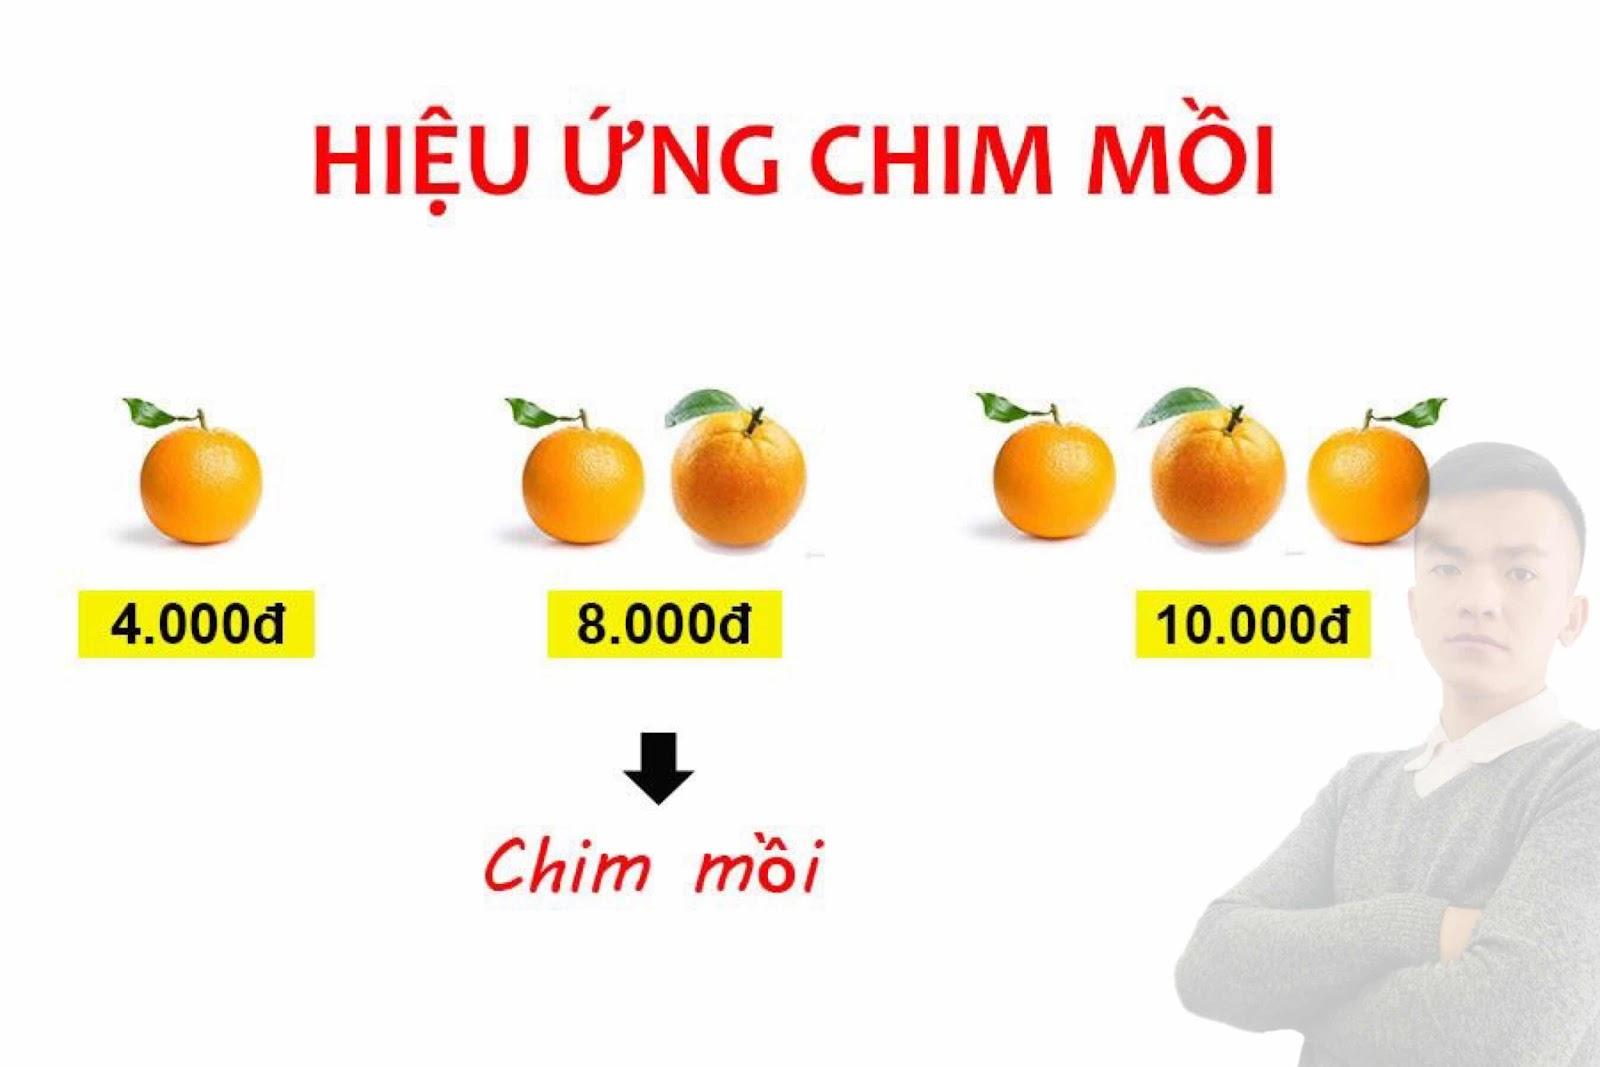 """HIỆU ỨNG """"CHIM MỒI"""" TRONG MARKETING - BẠN BIẾT GÌ VỀ NÓ??? ~  blogkienvy.blogspot.com"""